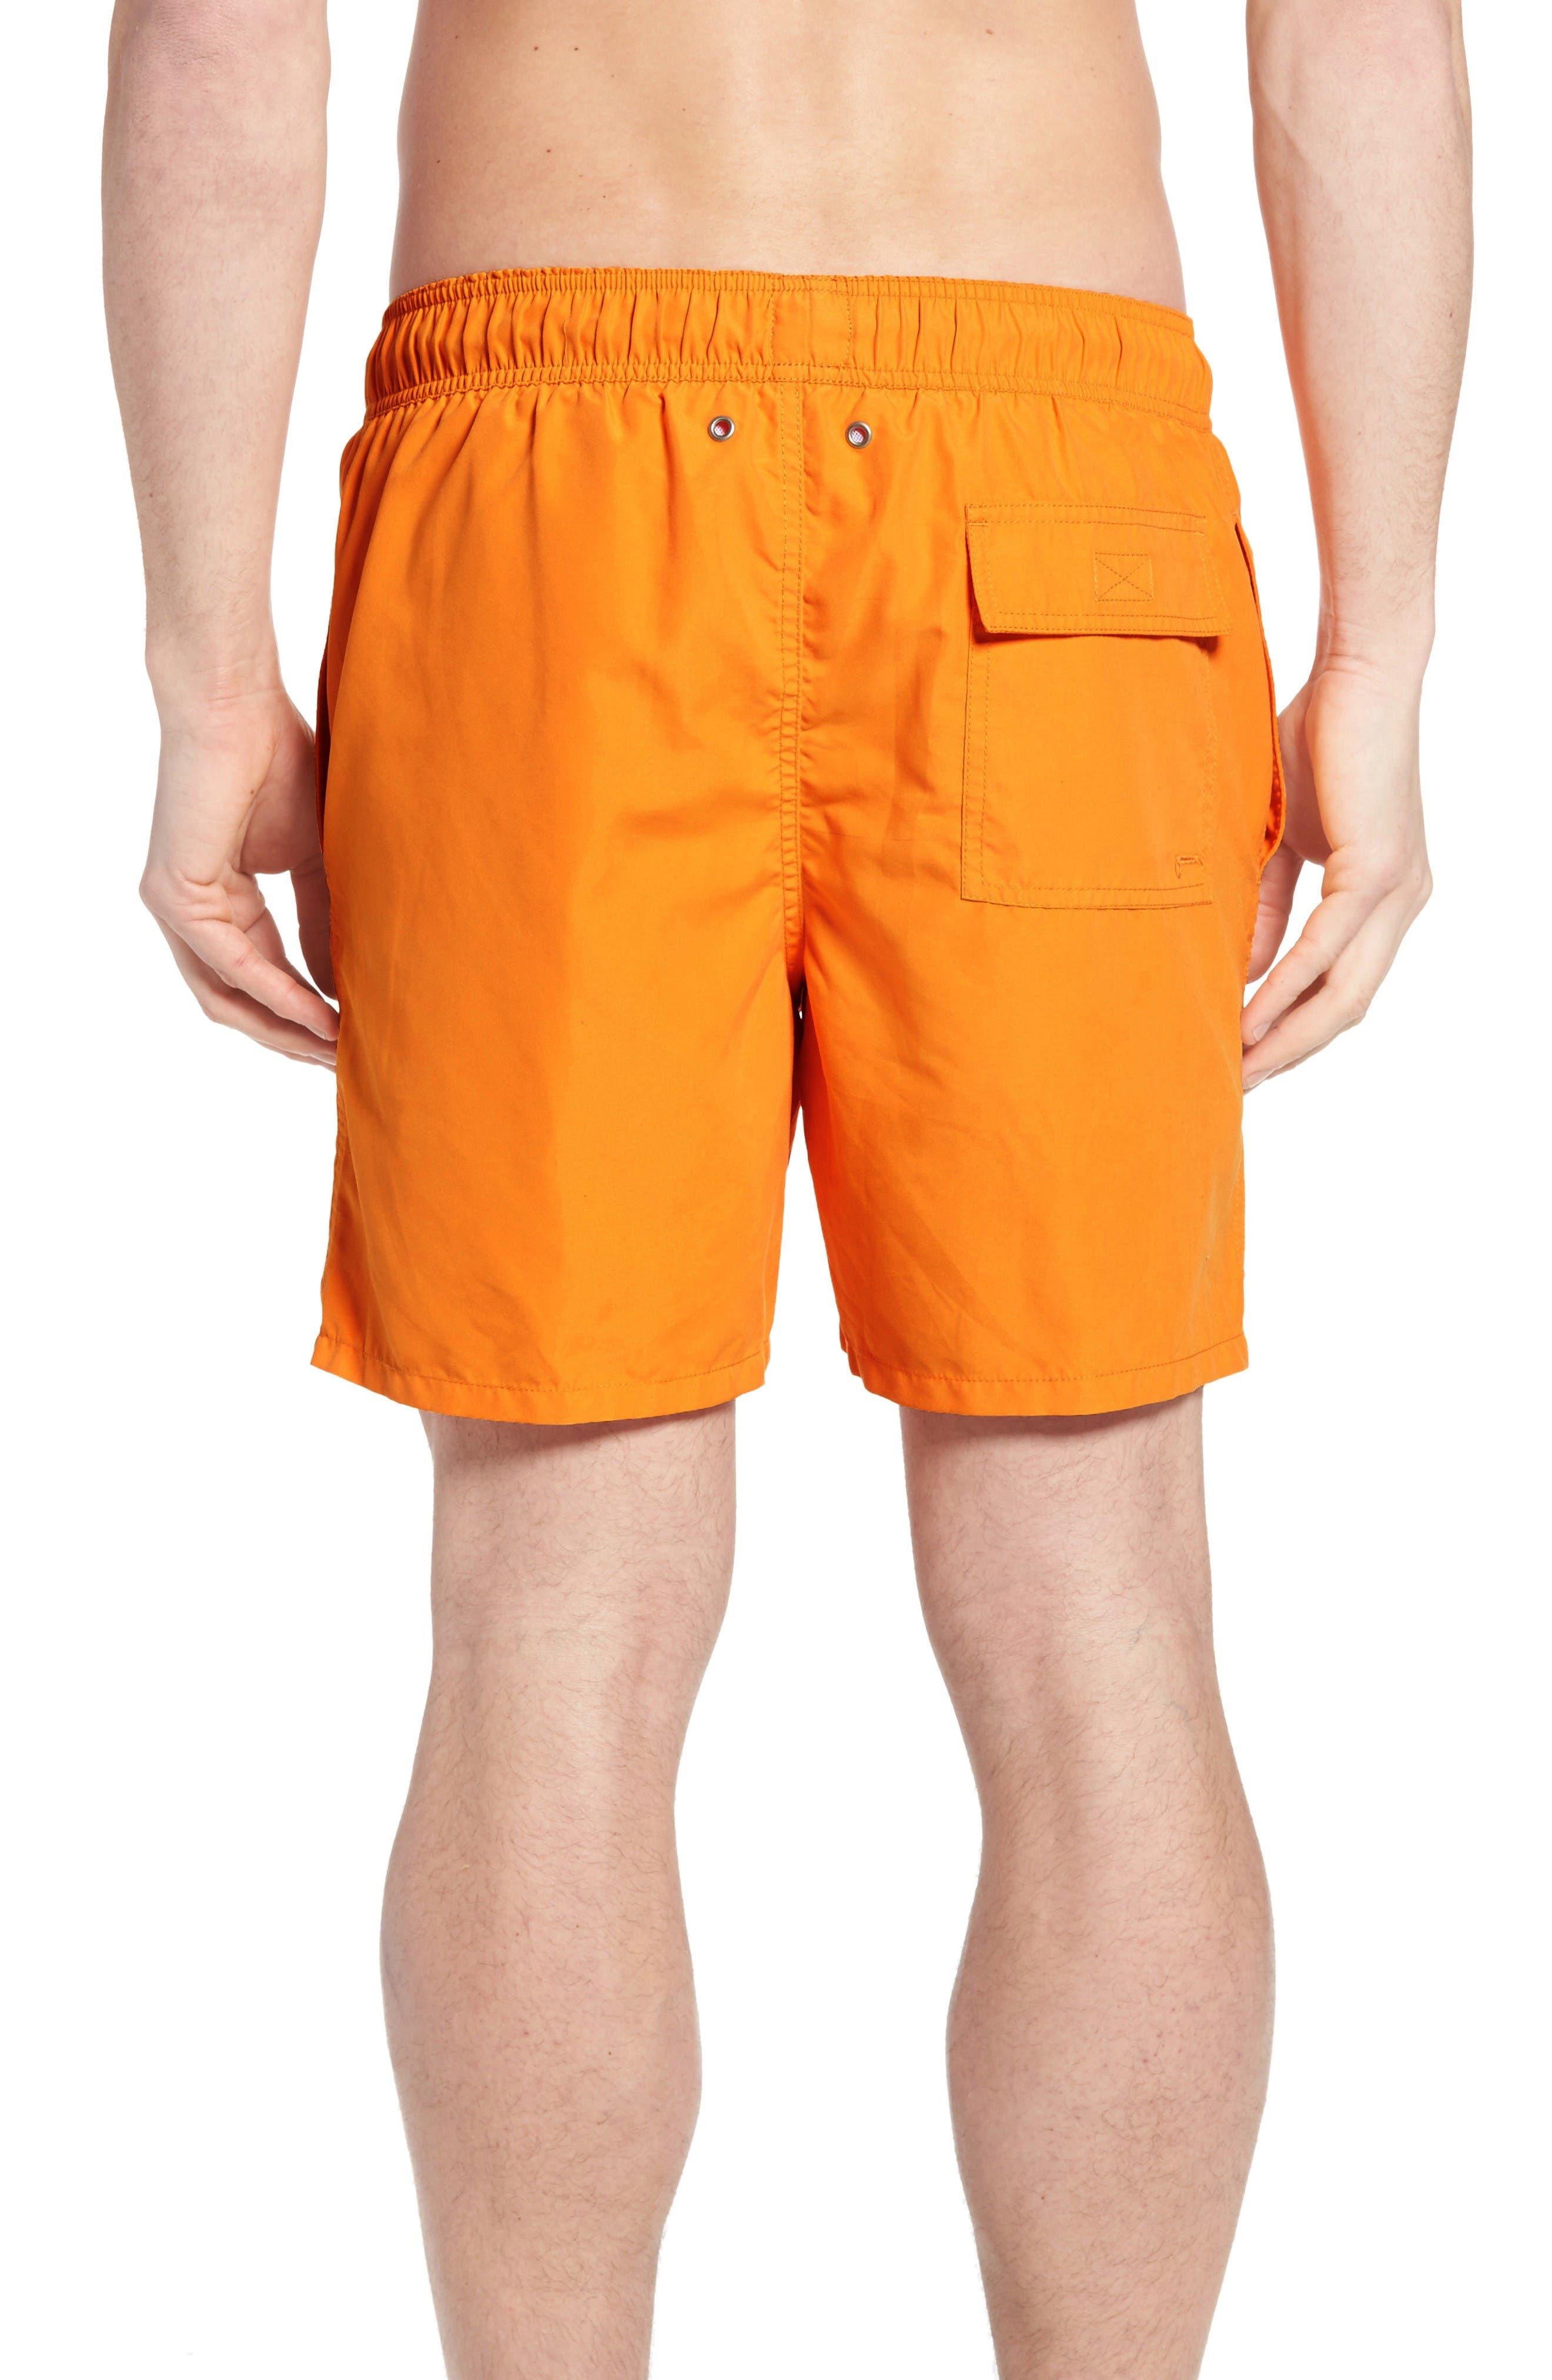 Swim Trunks,                             Alternate thumbnail 2, color,                             Baked Orange